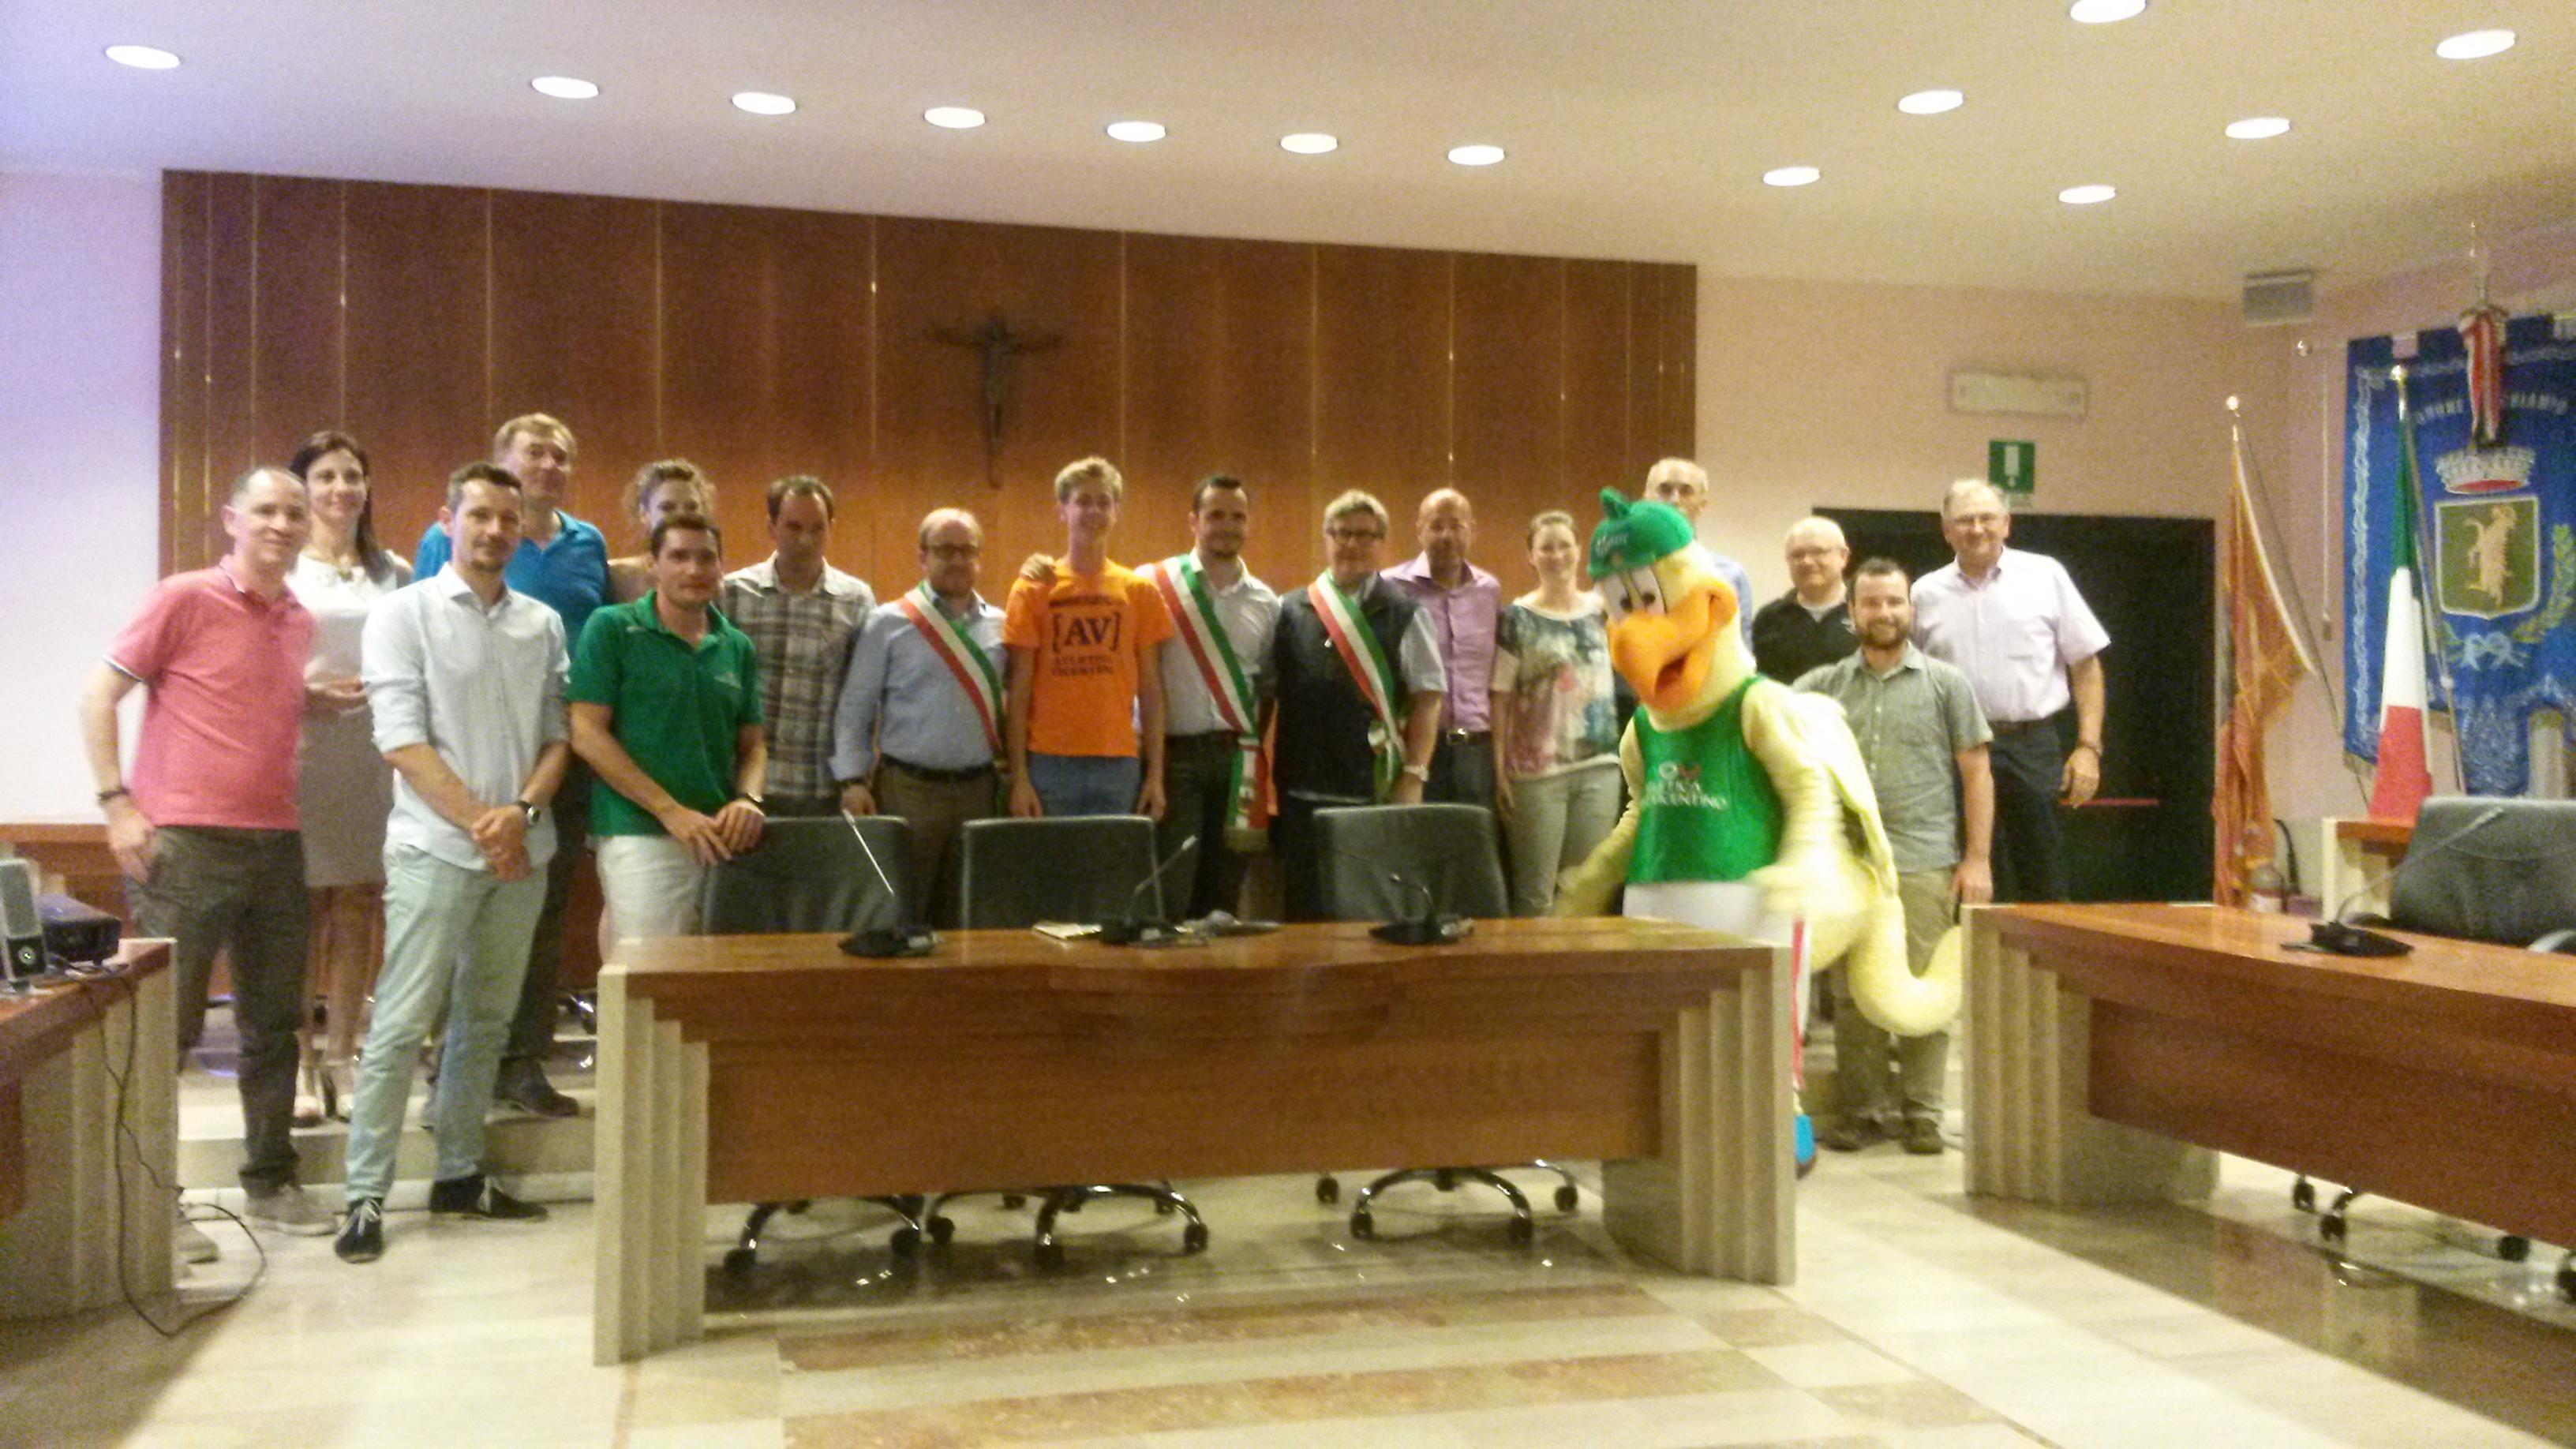 Rancan e mavi cestonaro sono arrivati in colombia for Ravelli arredamenti